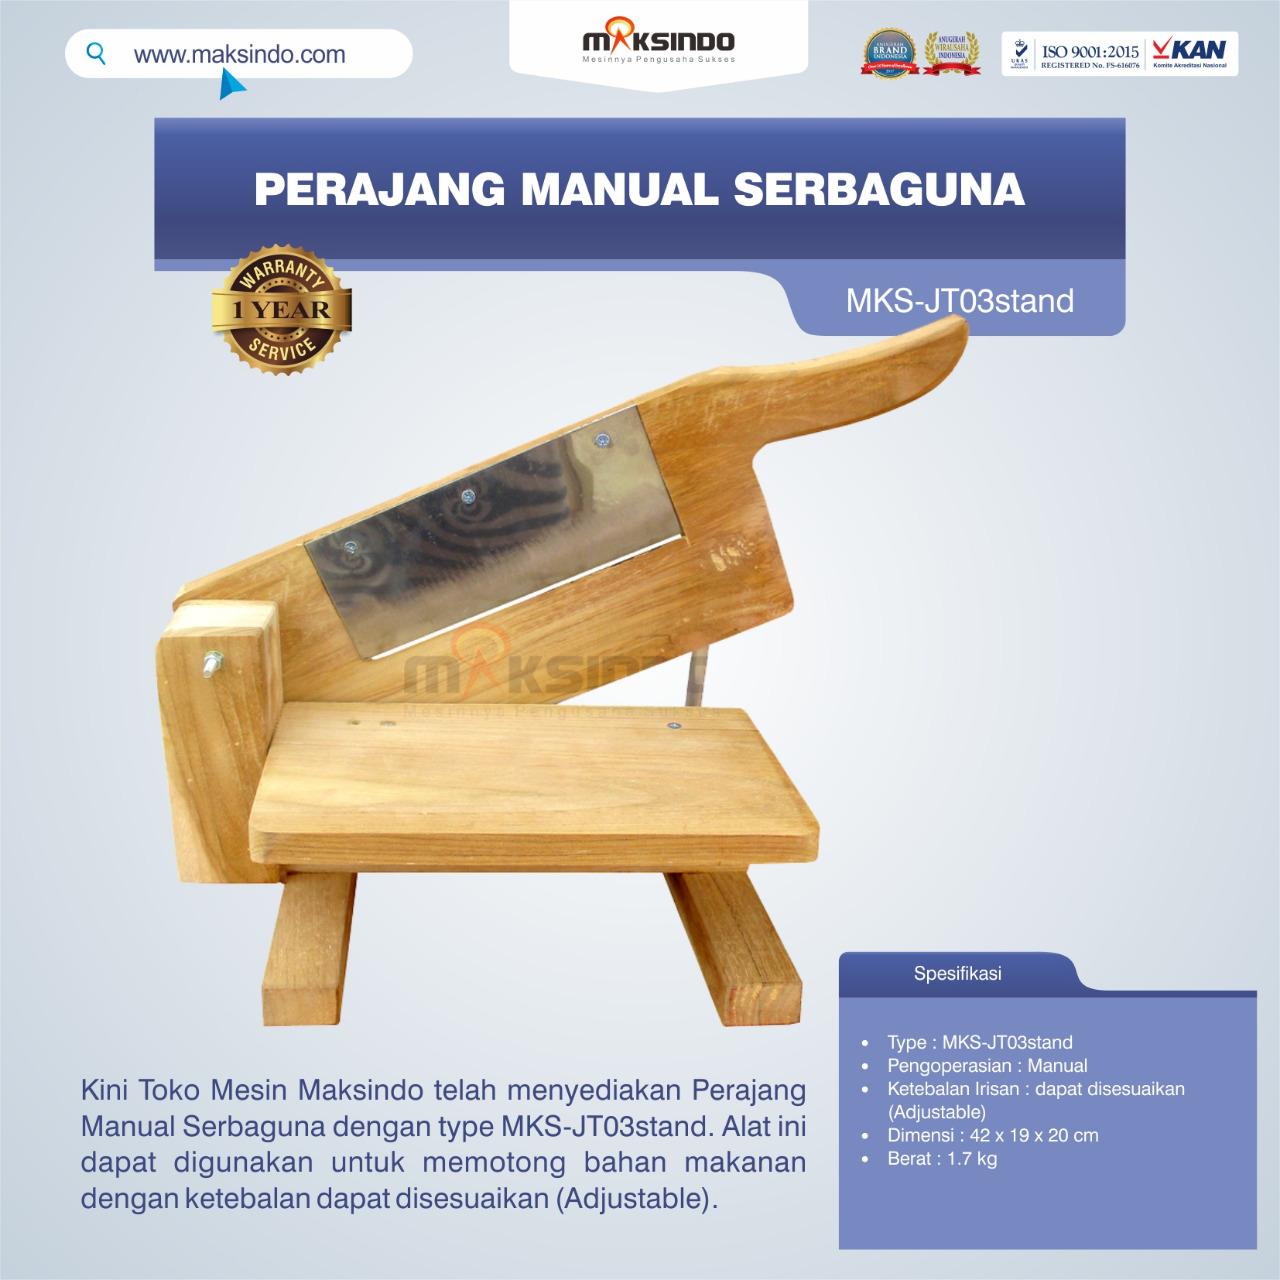 Jual Perajang Manual Serbaguna MKS-JT03stand di Semarang